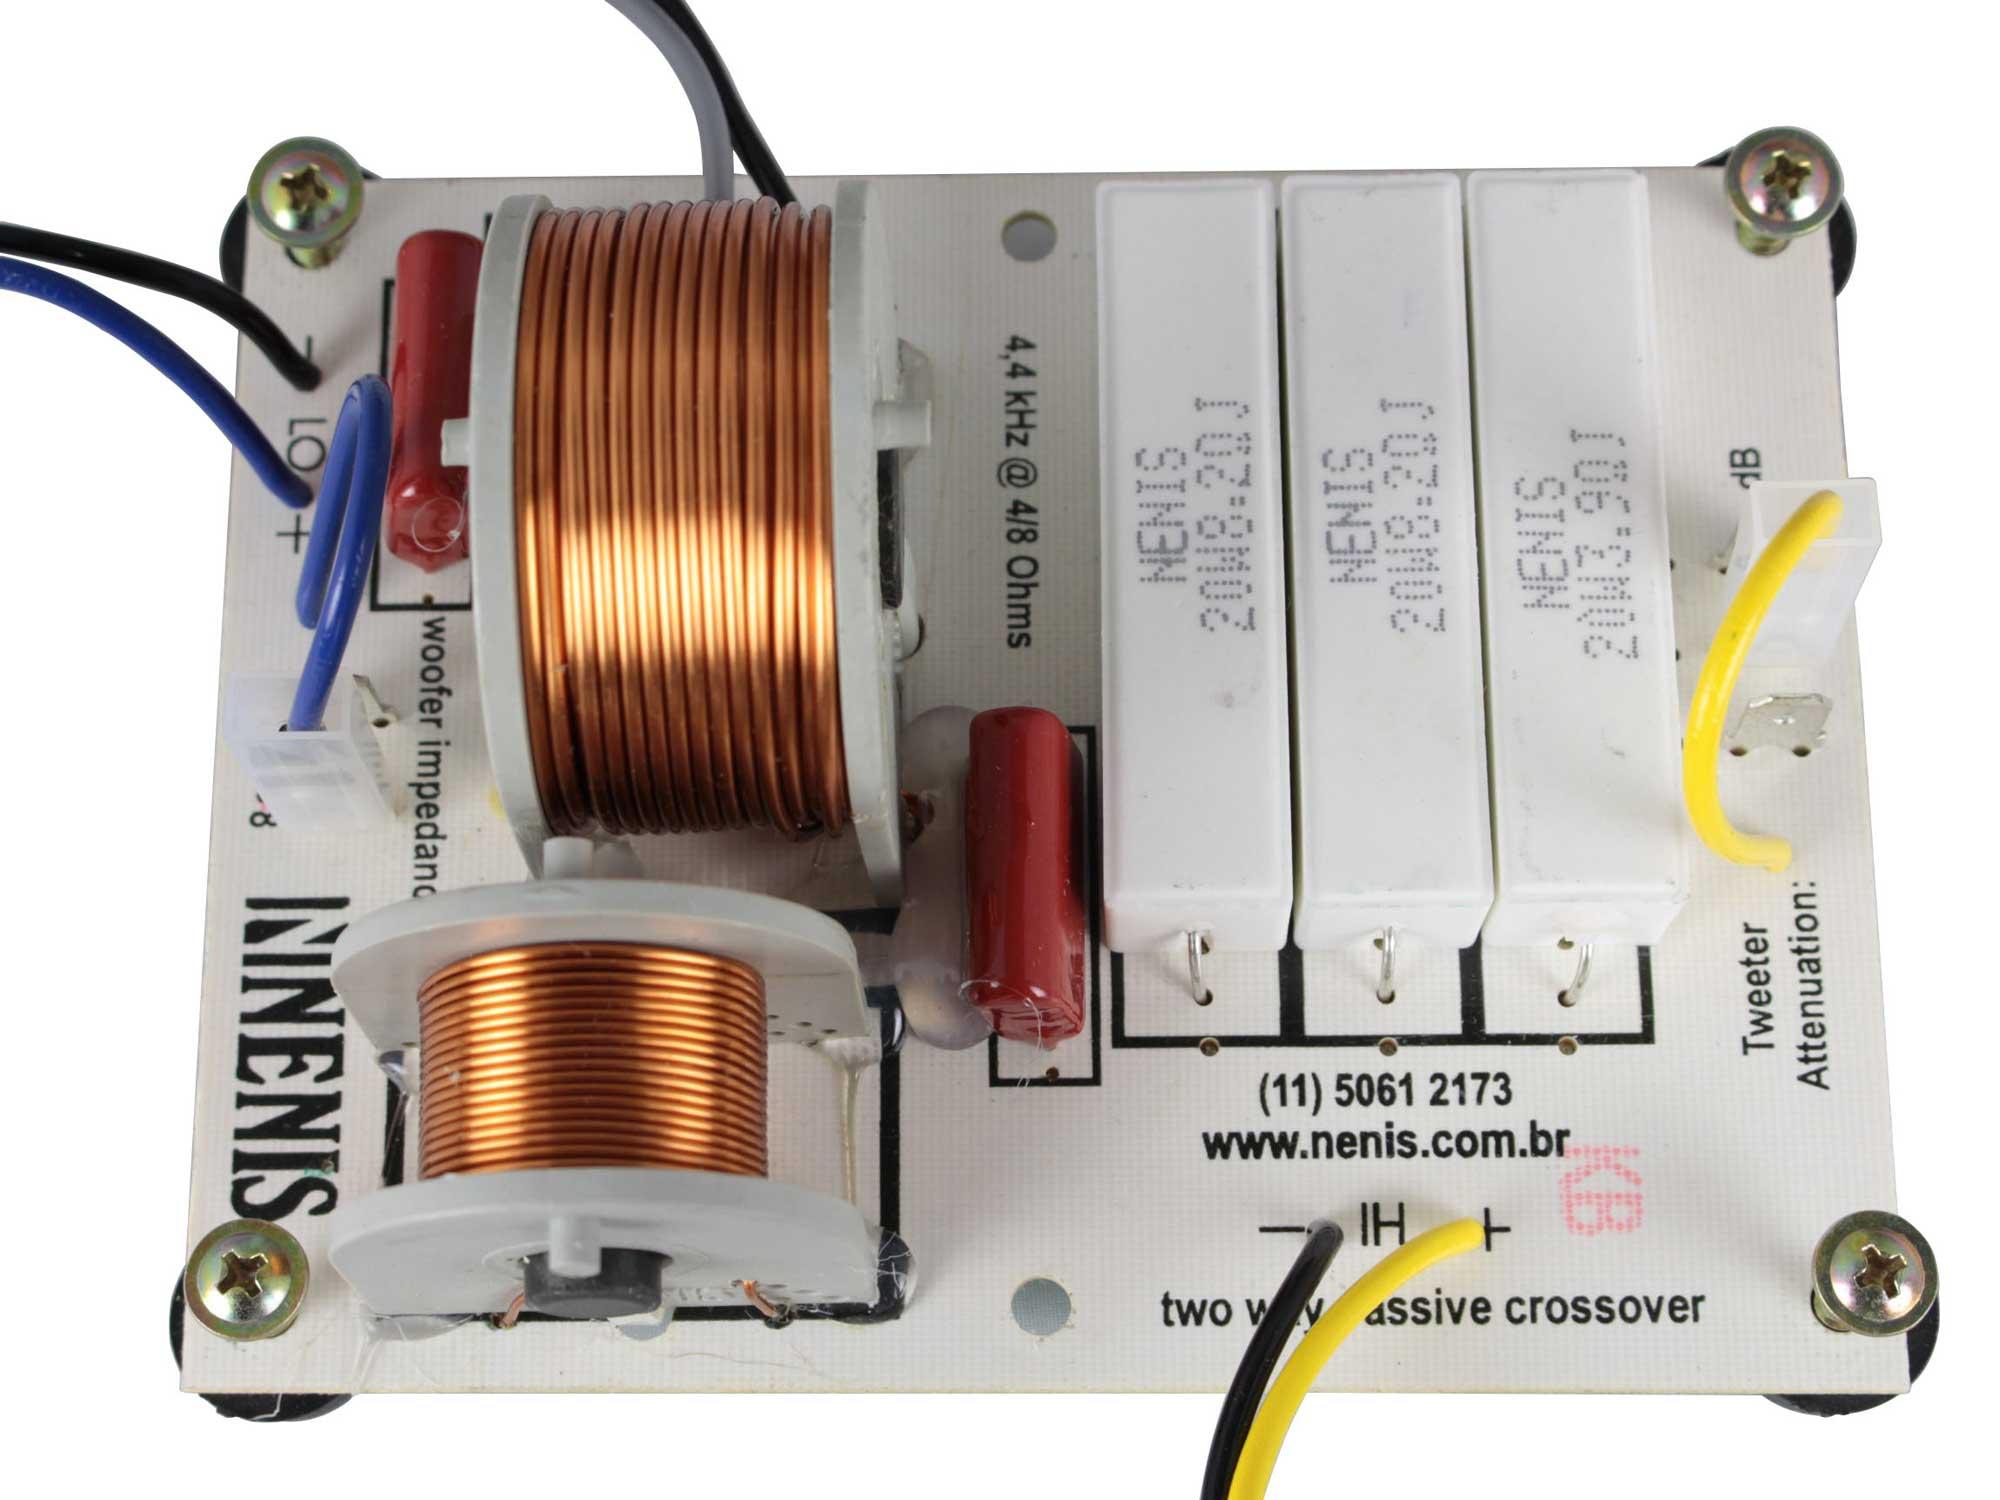 Divisor de Frequência Passivo 2 vias | 1 ou 2 Alto-falantes + 1 Tweeter de até 890W RMS | DF892H | Nenis